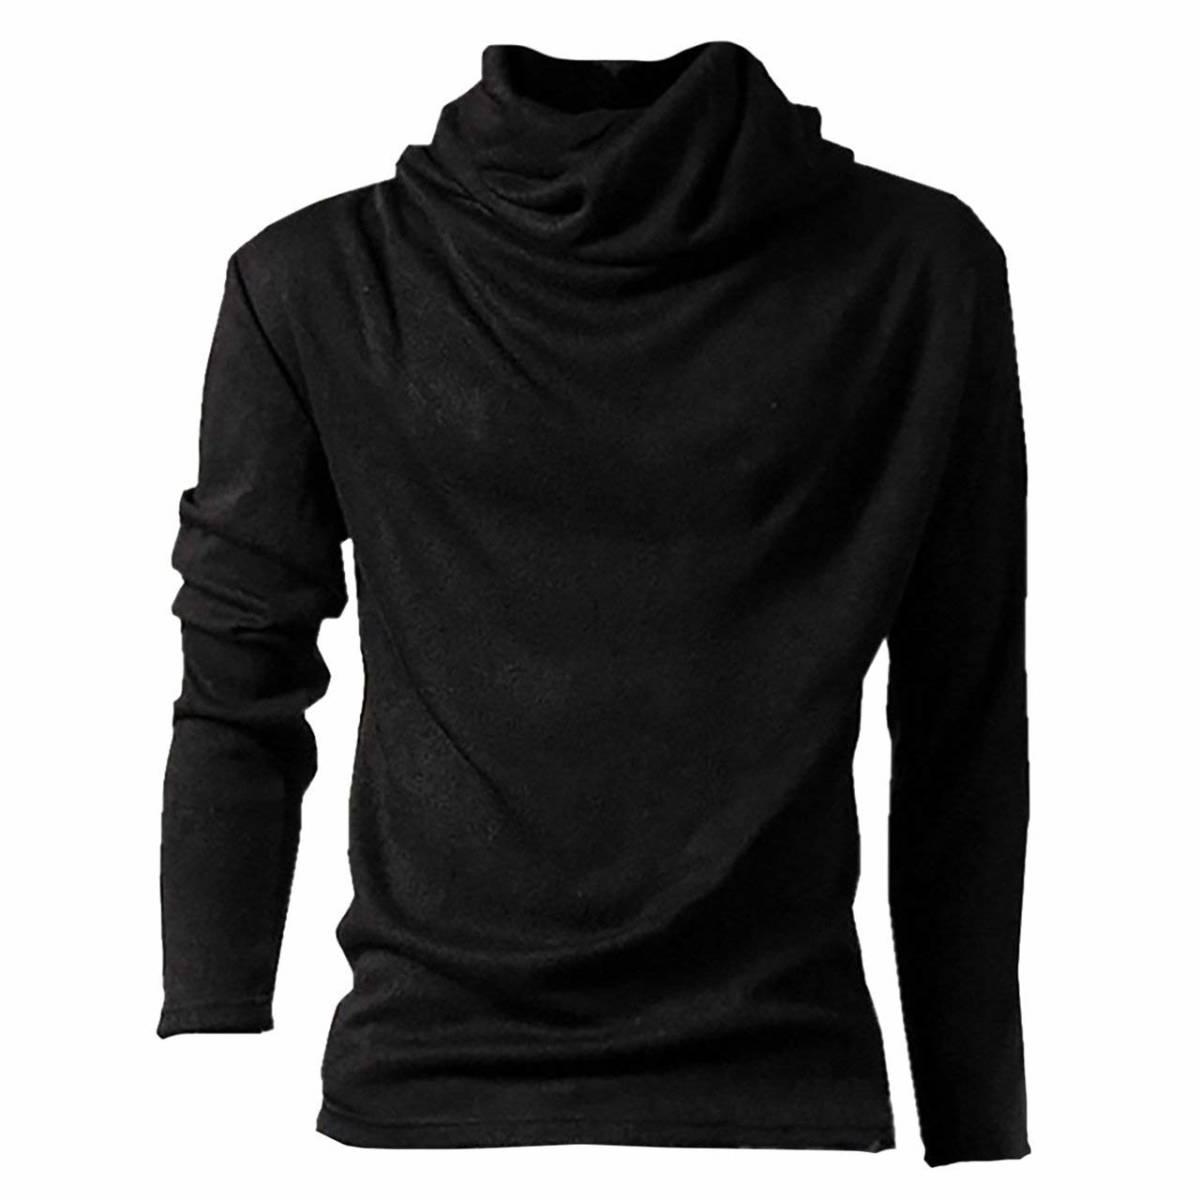 アフガン タートルネック 長袖 XLサイズ カットソー ロング Tシャツ メンズ ブラック